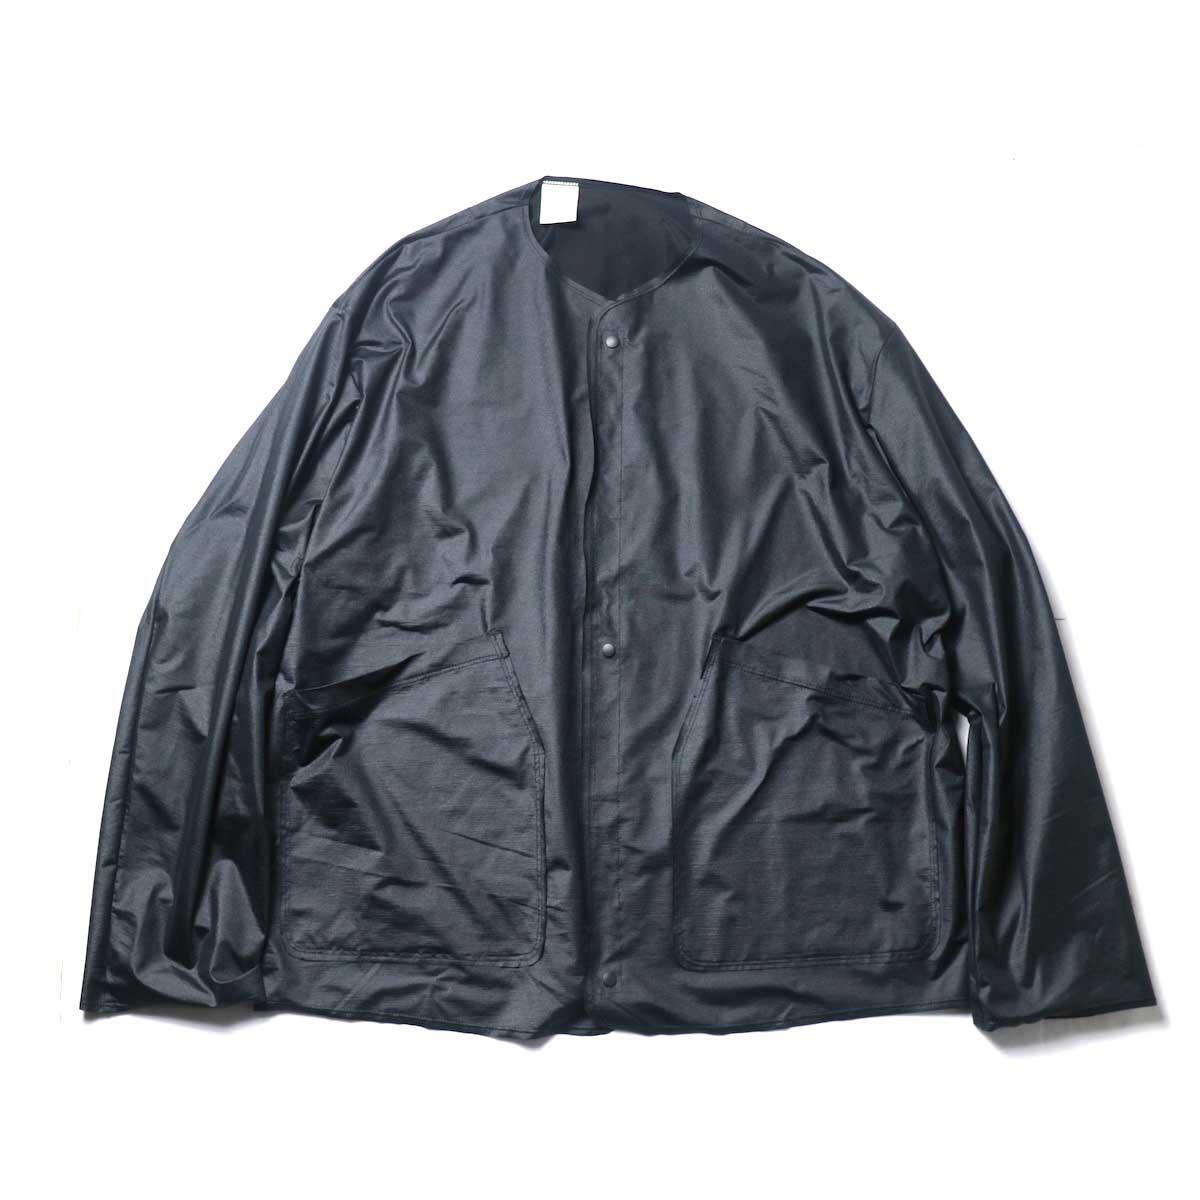 N.HOOLYWOOD / 9211-SH07-010 pieces Shirt Cardigan (Black)